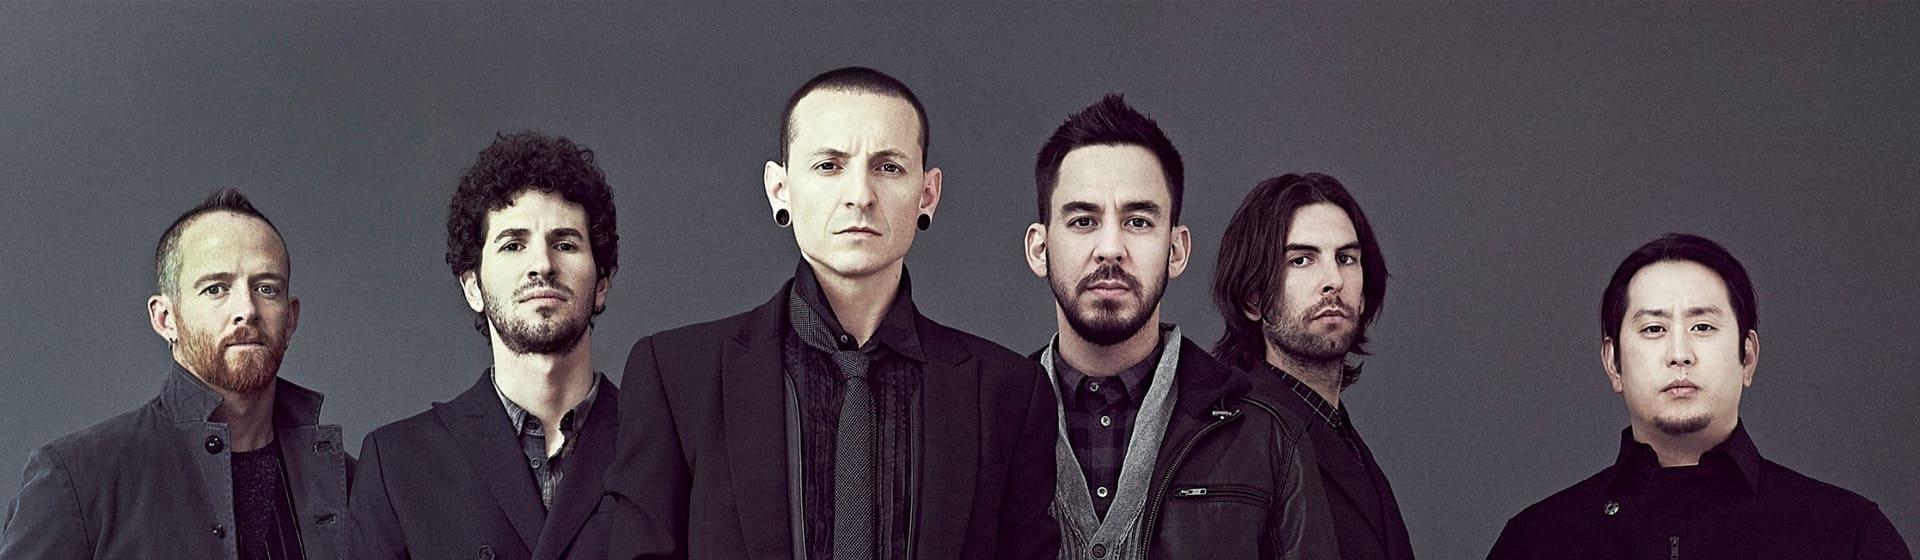 Linkin Park - Мерч и одежда с атрибутикой